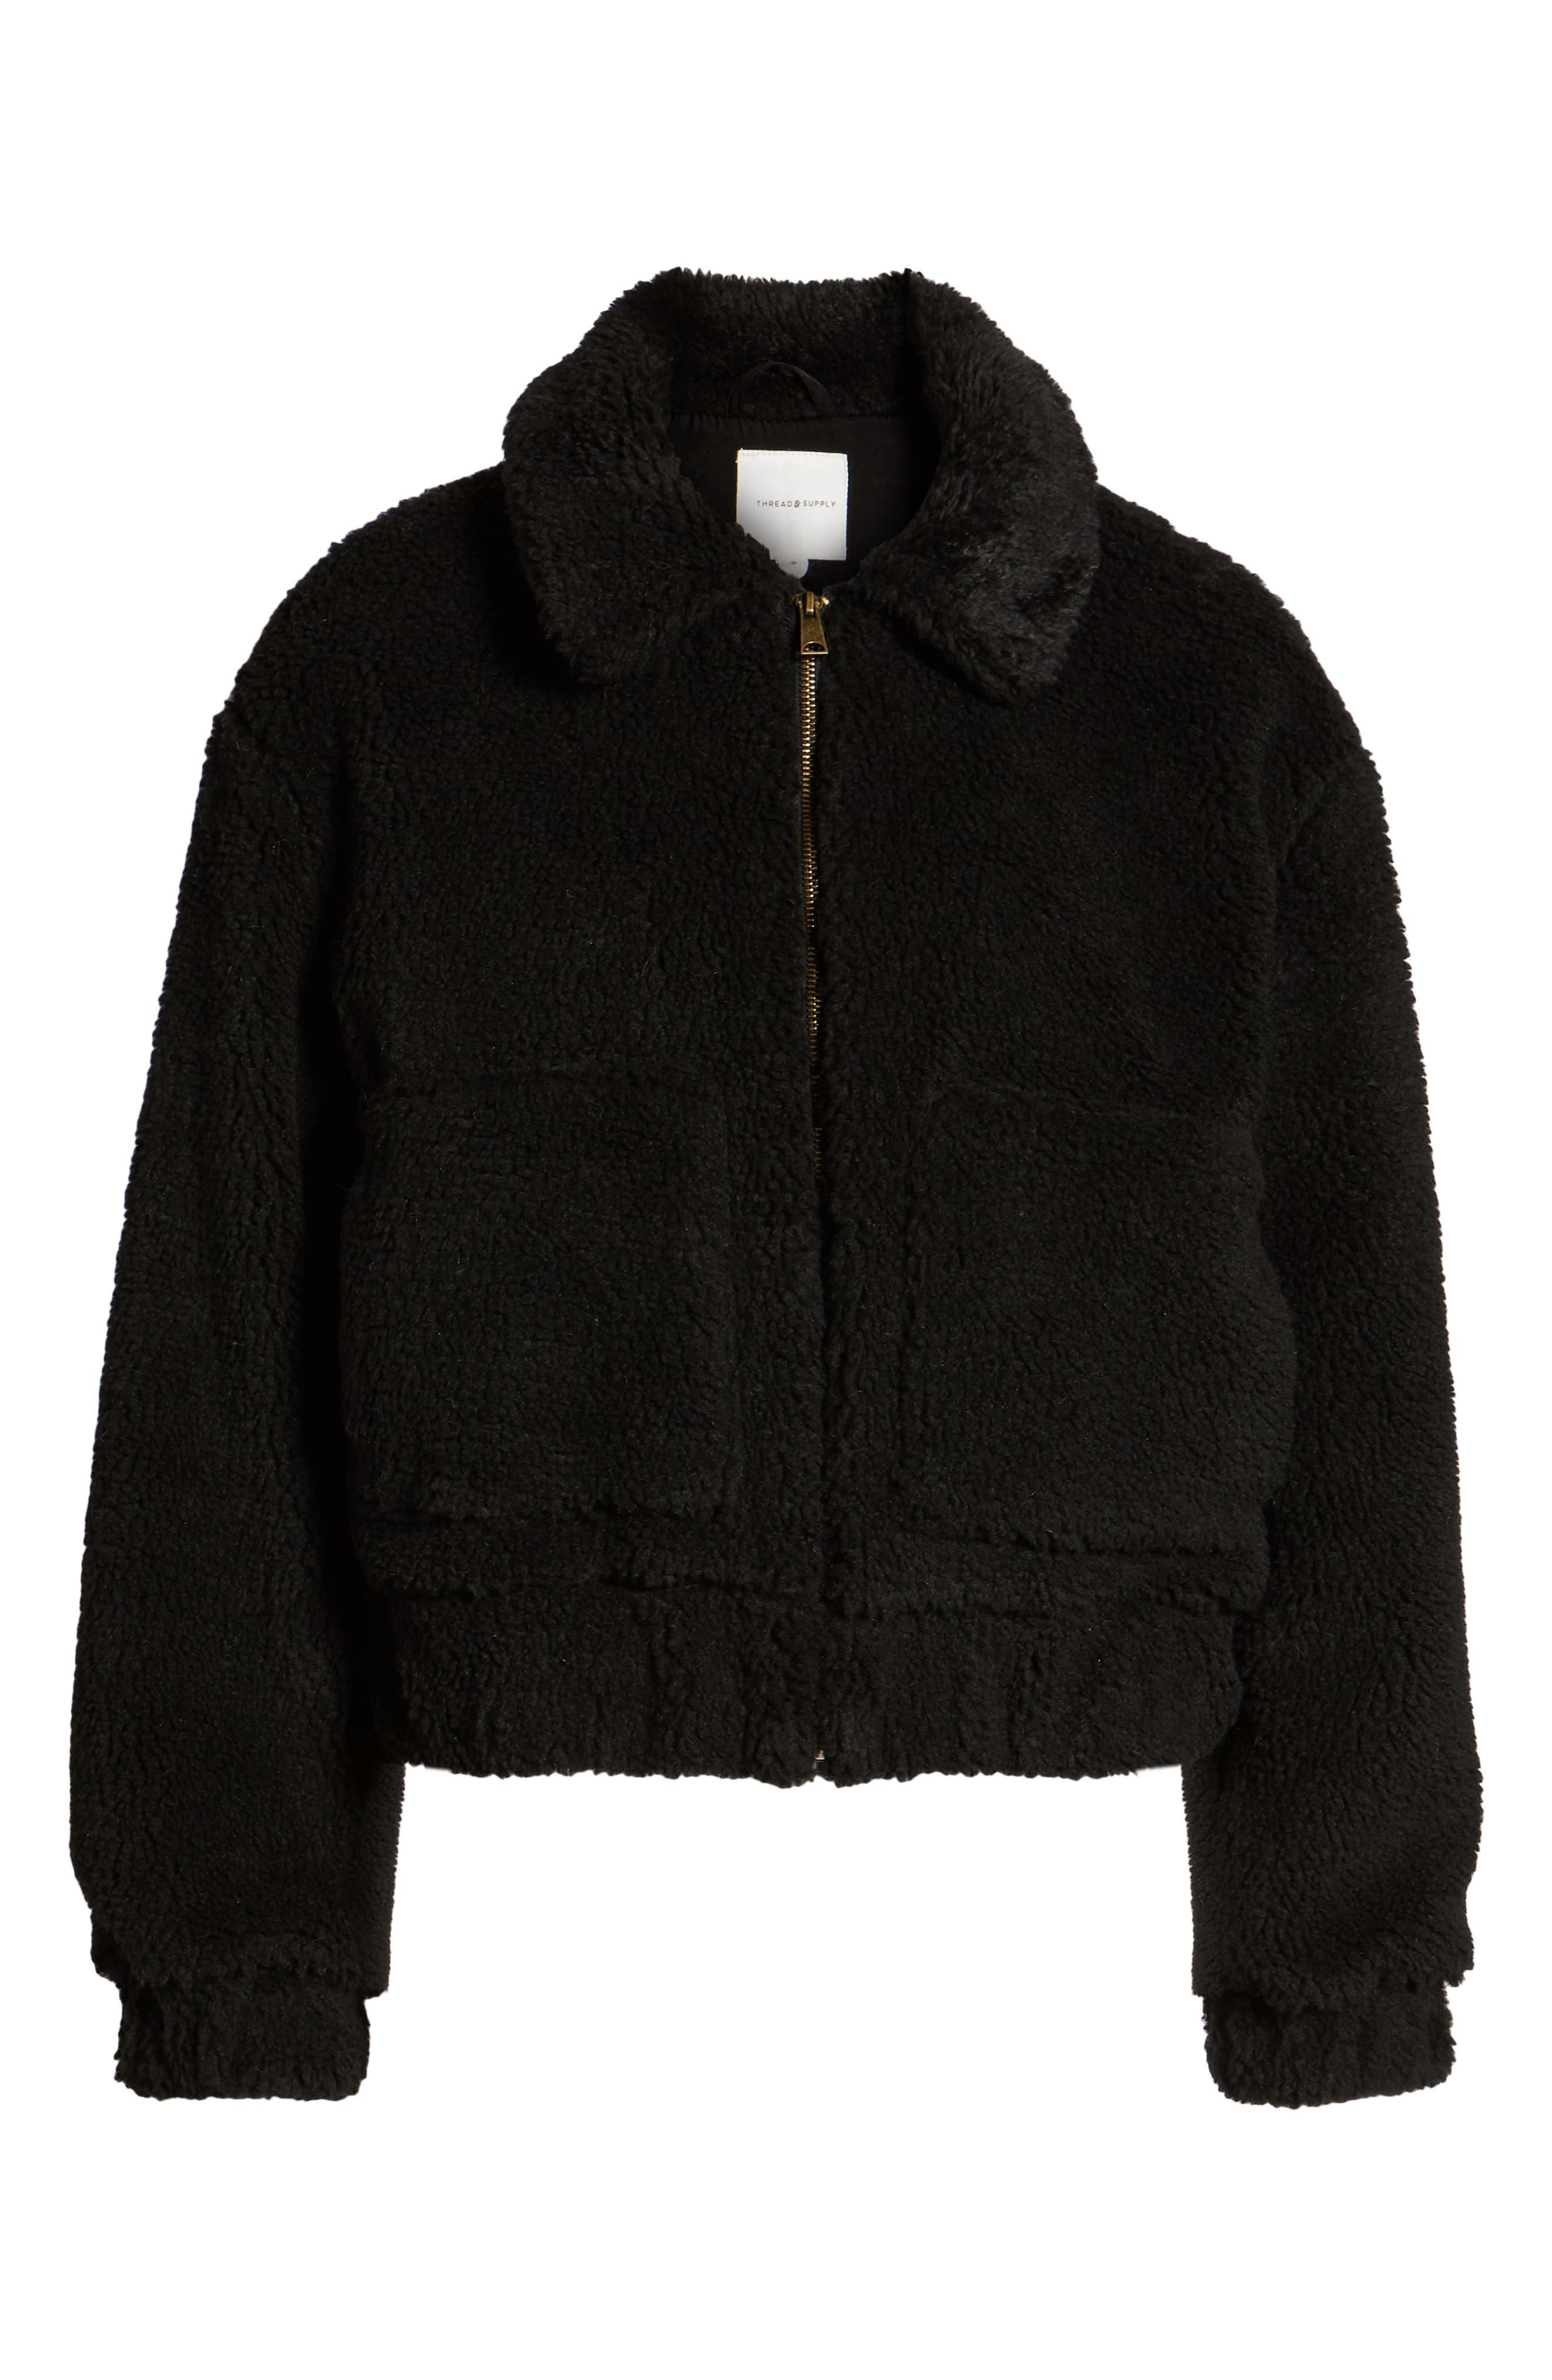 Northy Faux Fur Jacket,                             Alternate thumbnail 6, color,                             BLACK